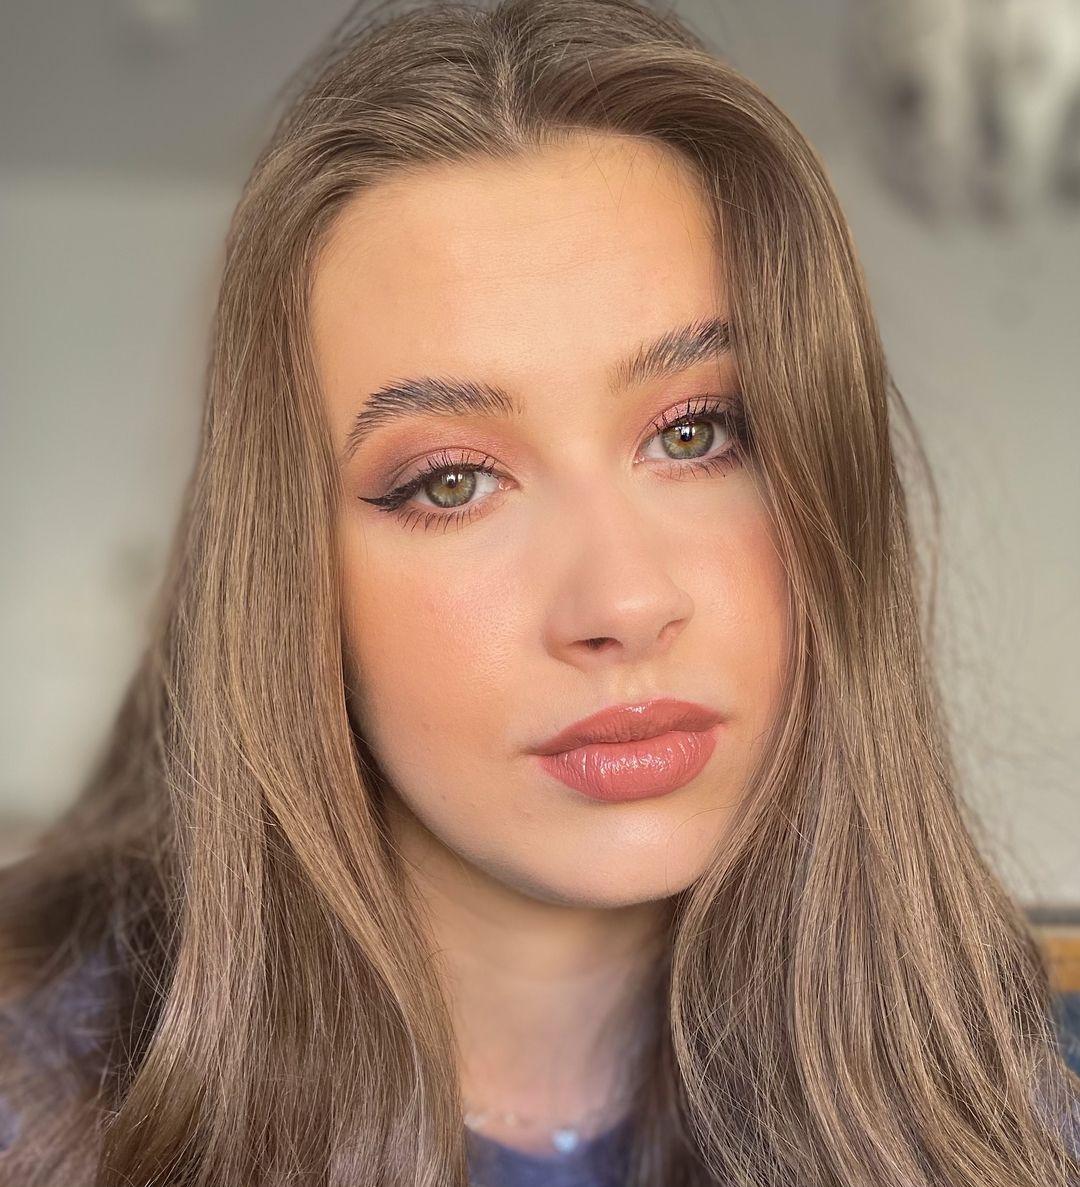 kathrinxbeauty